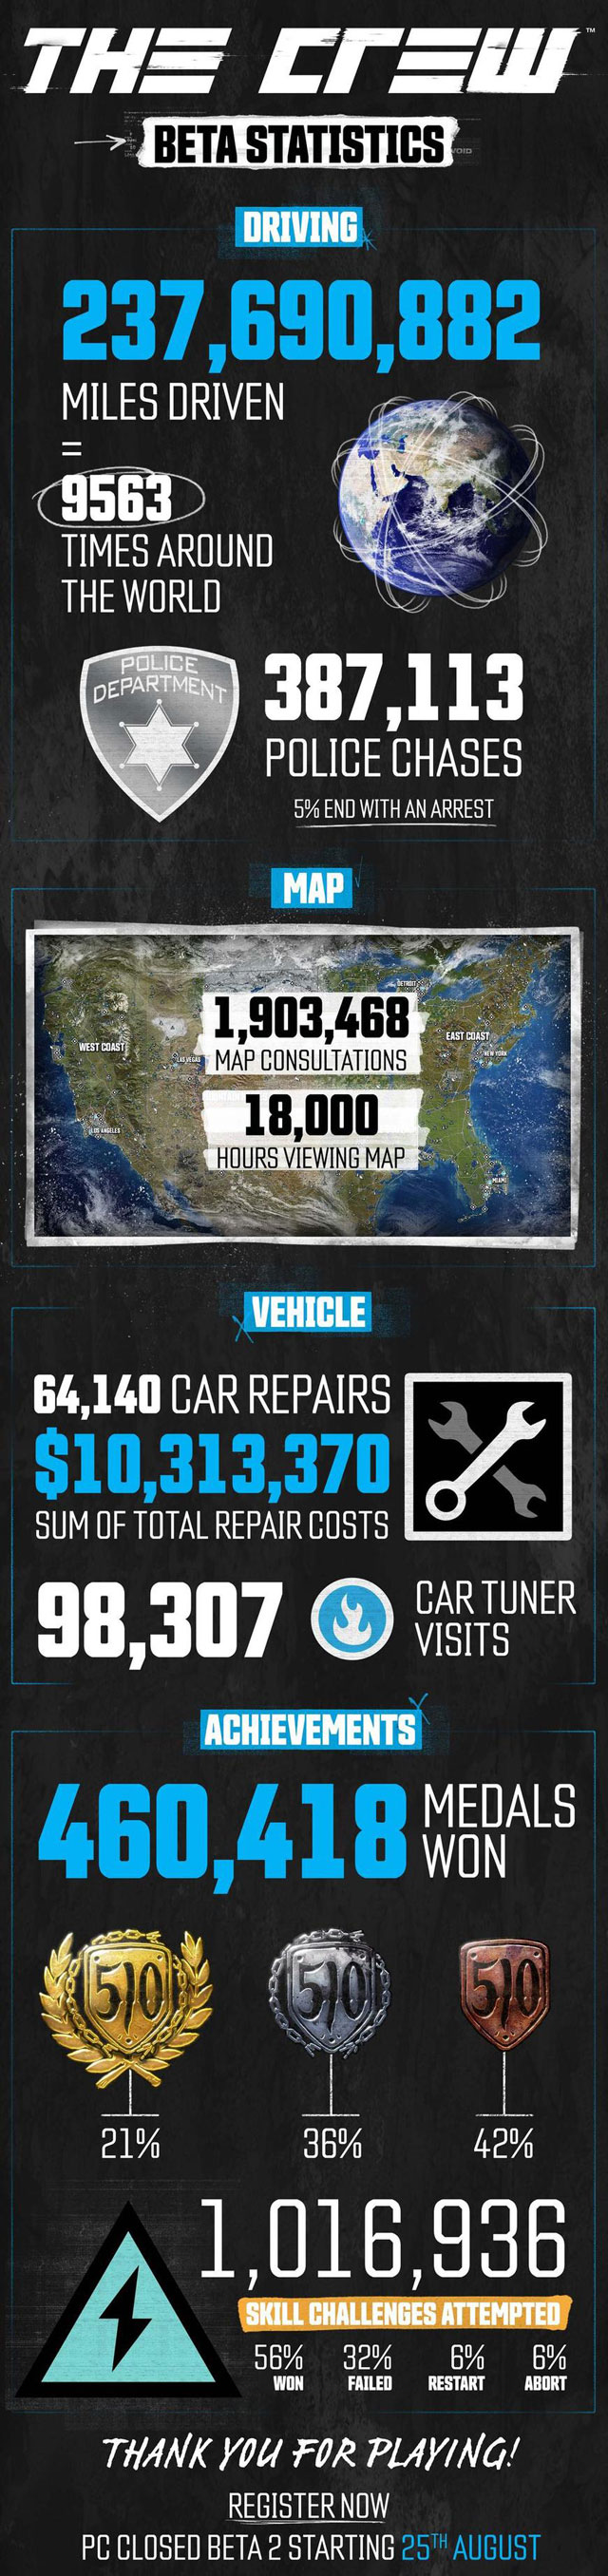 The Crew infographic